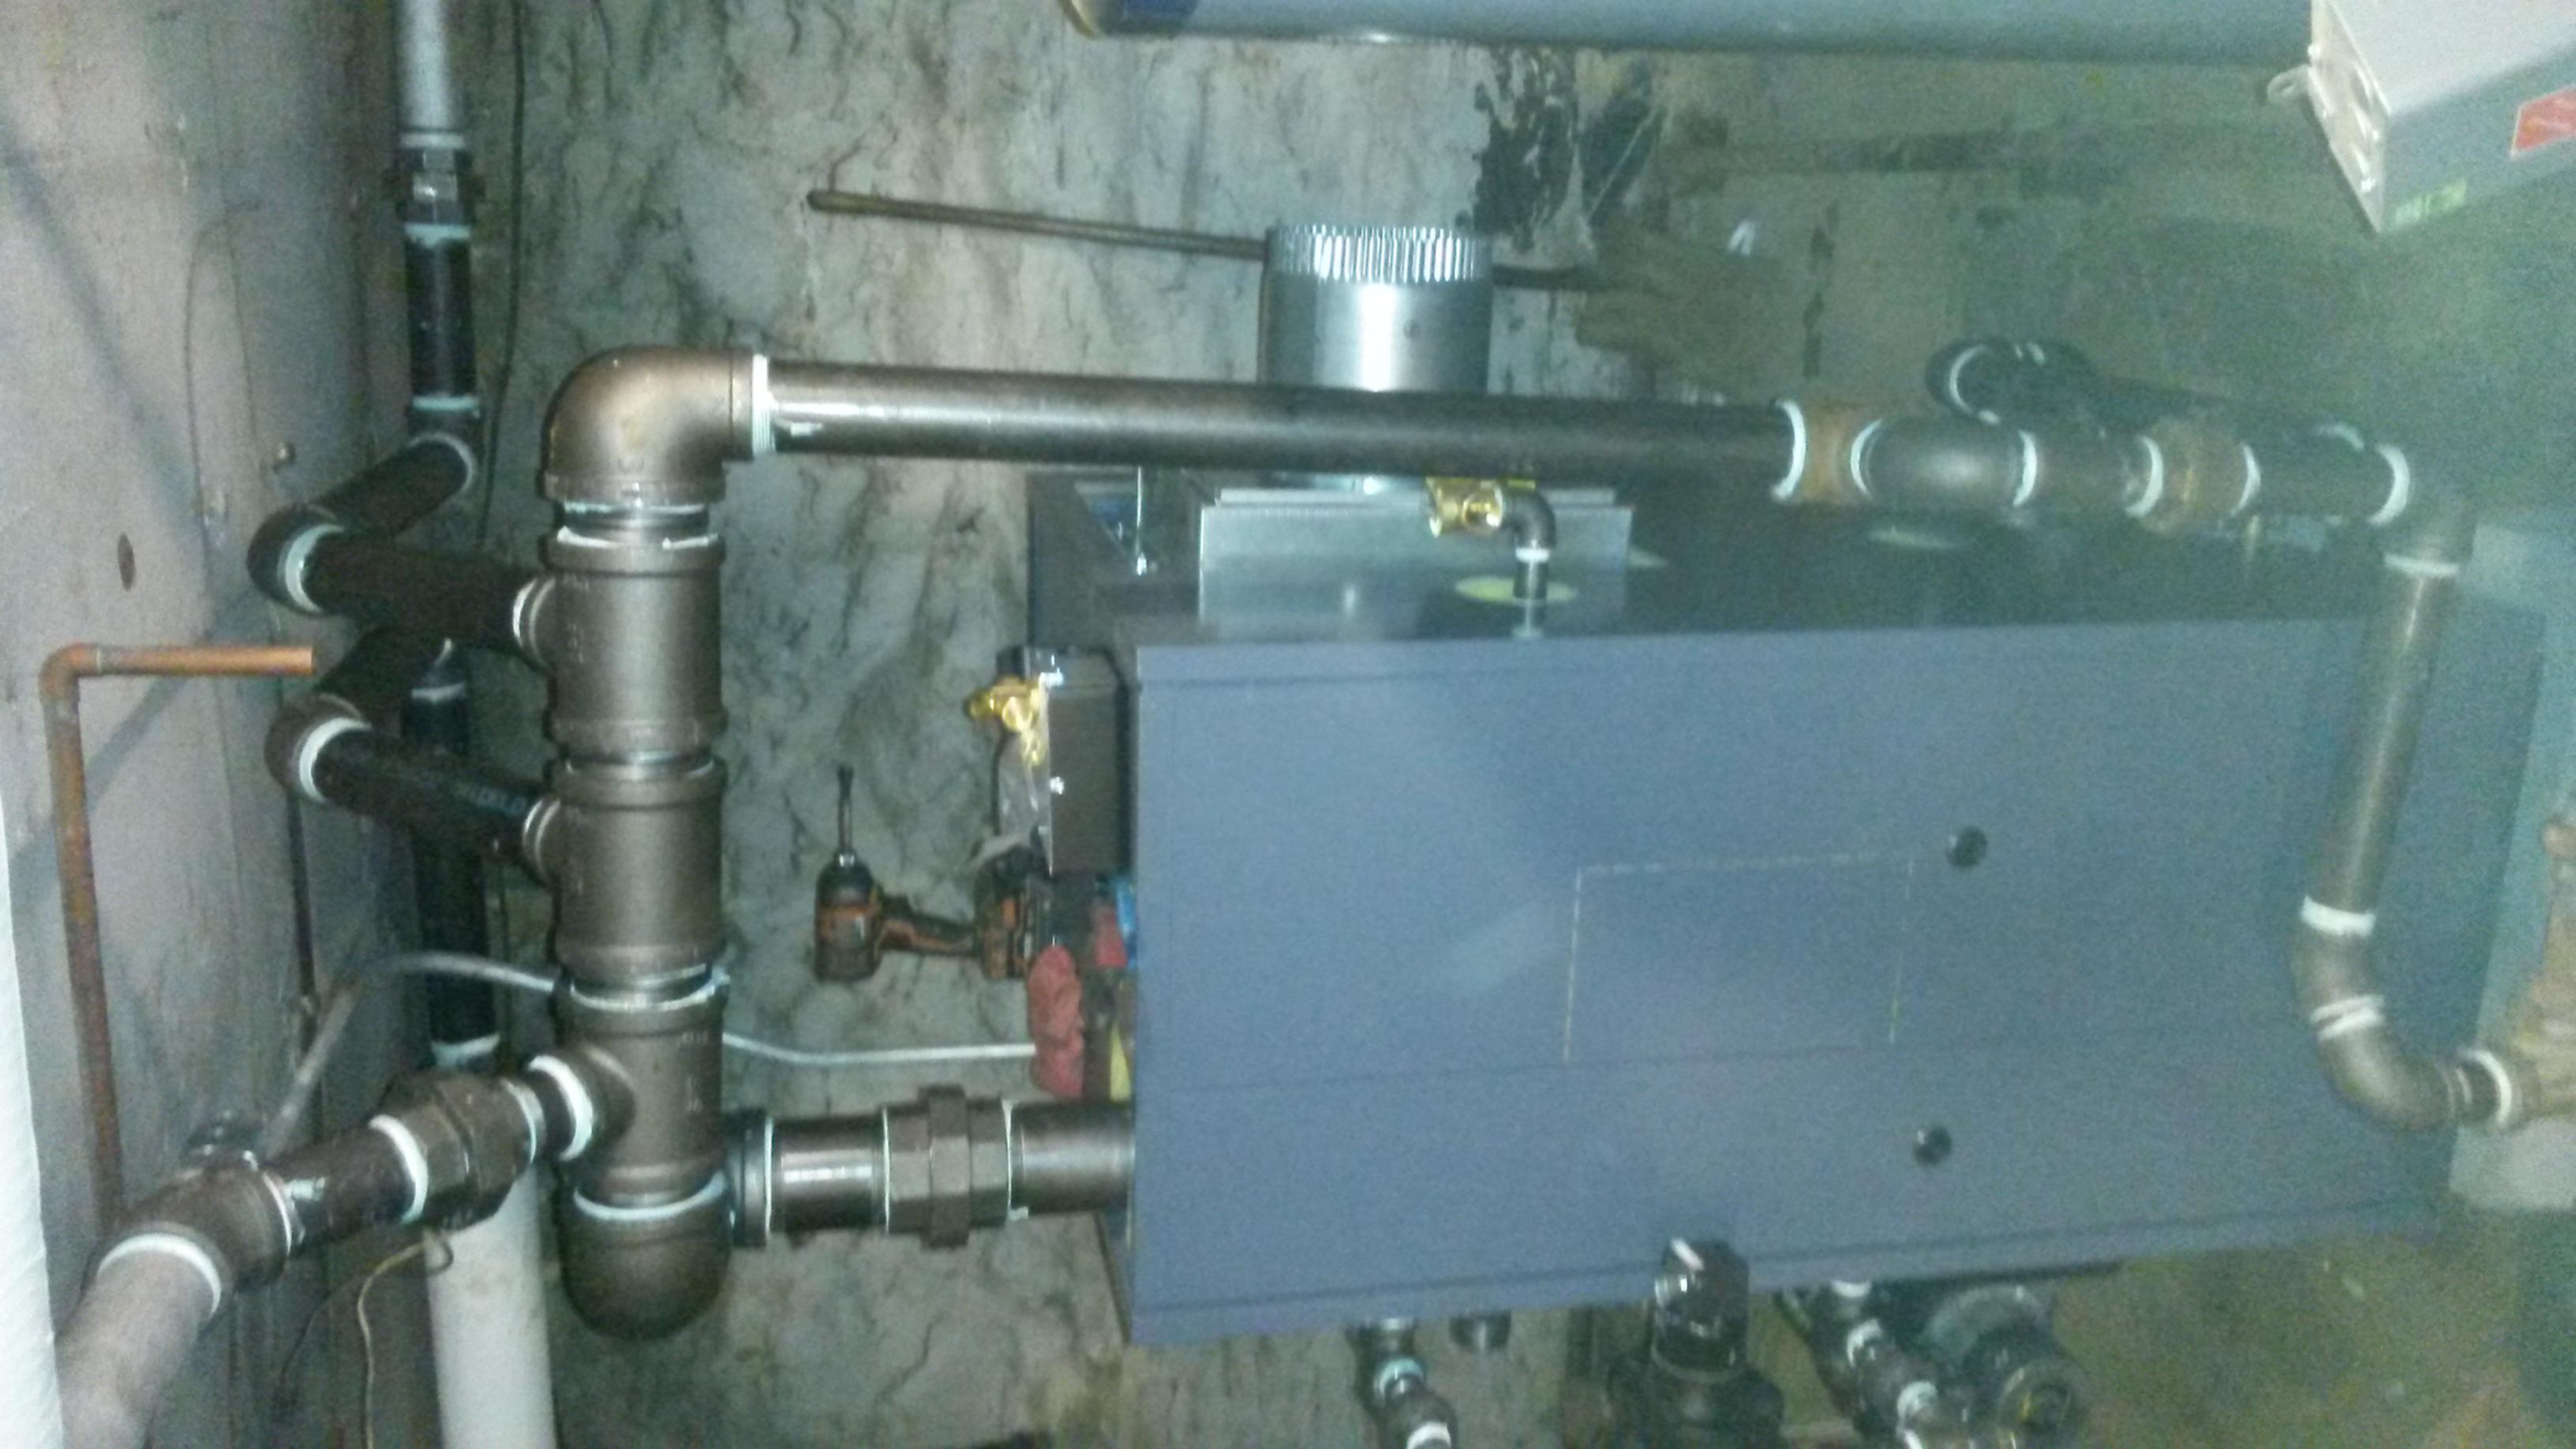 New Weil-McLain steam boiler installation- \